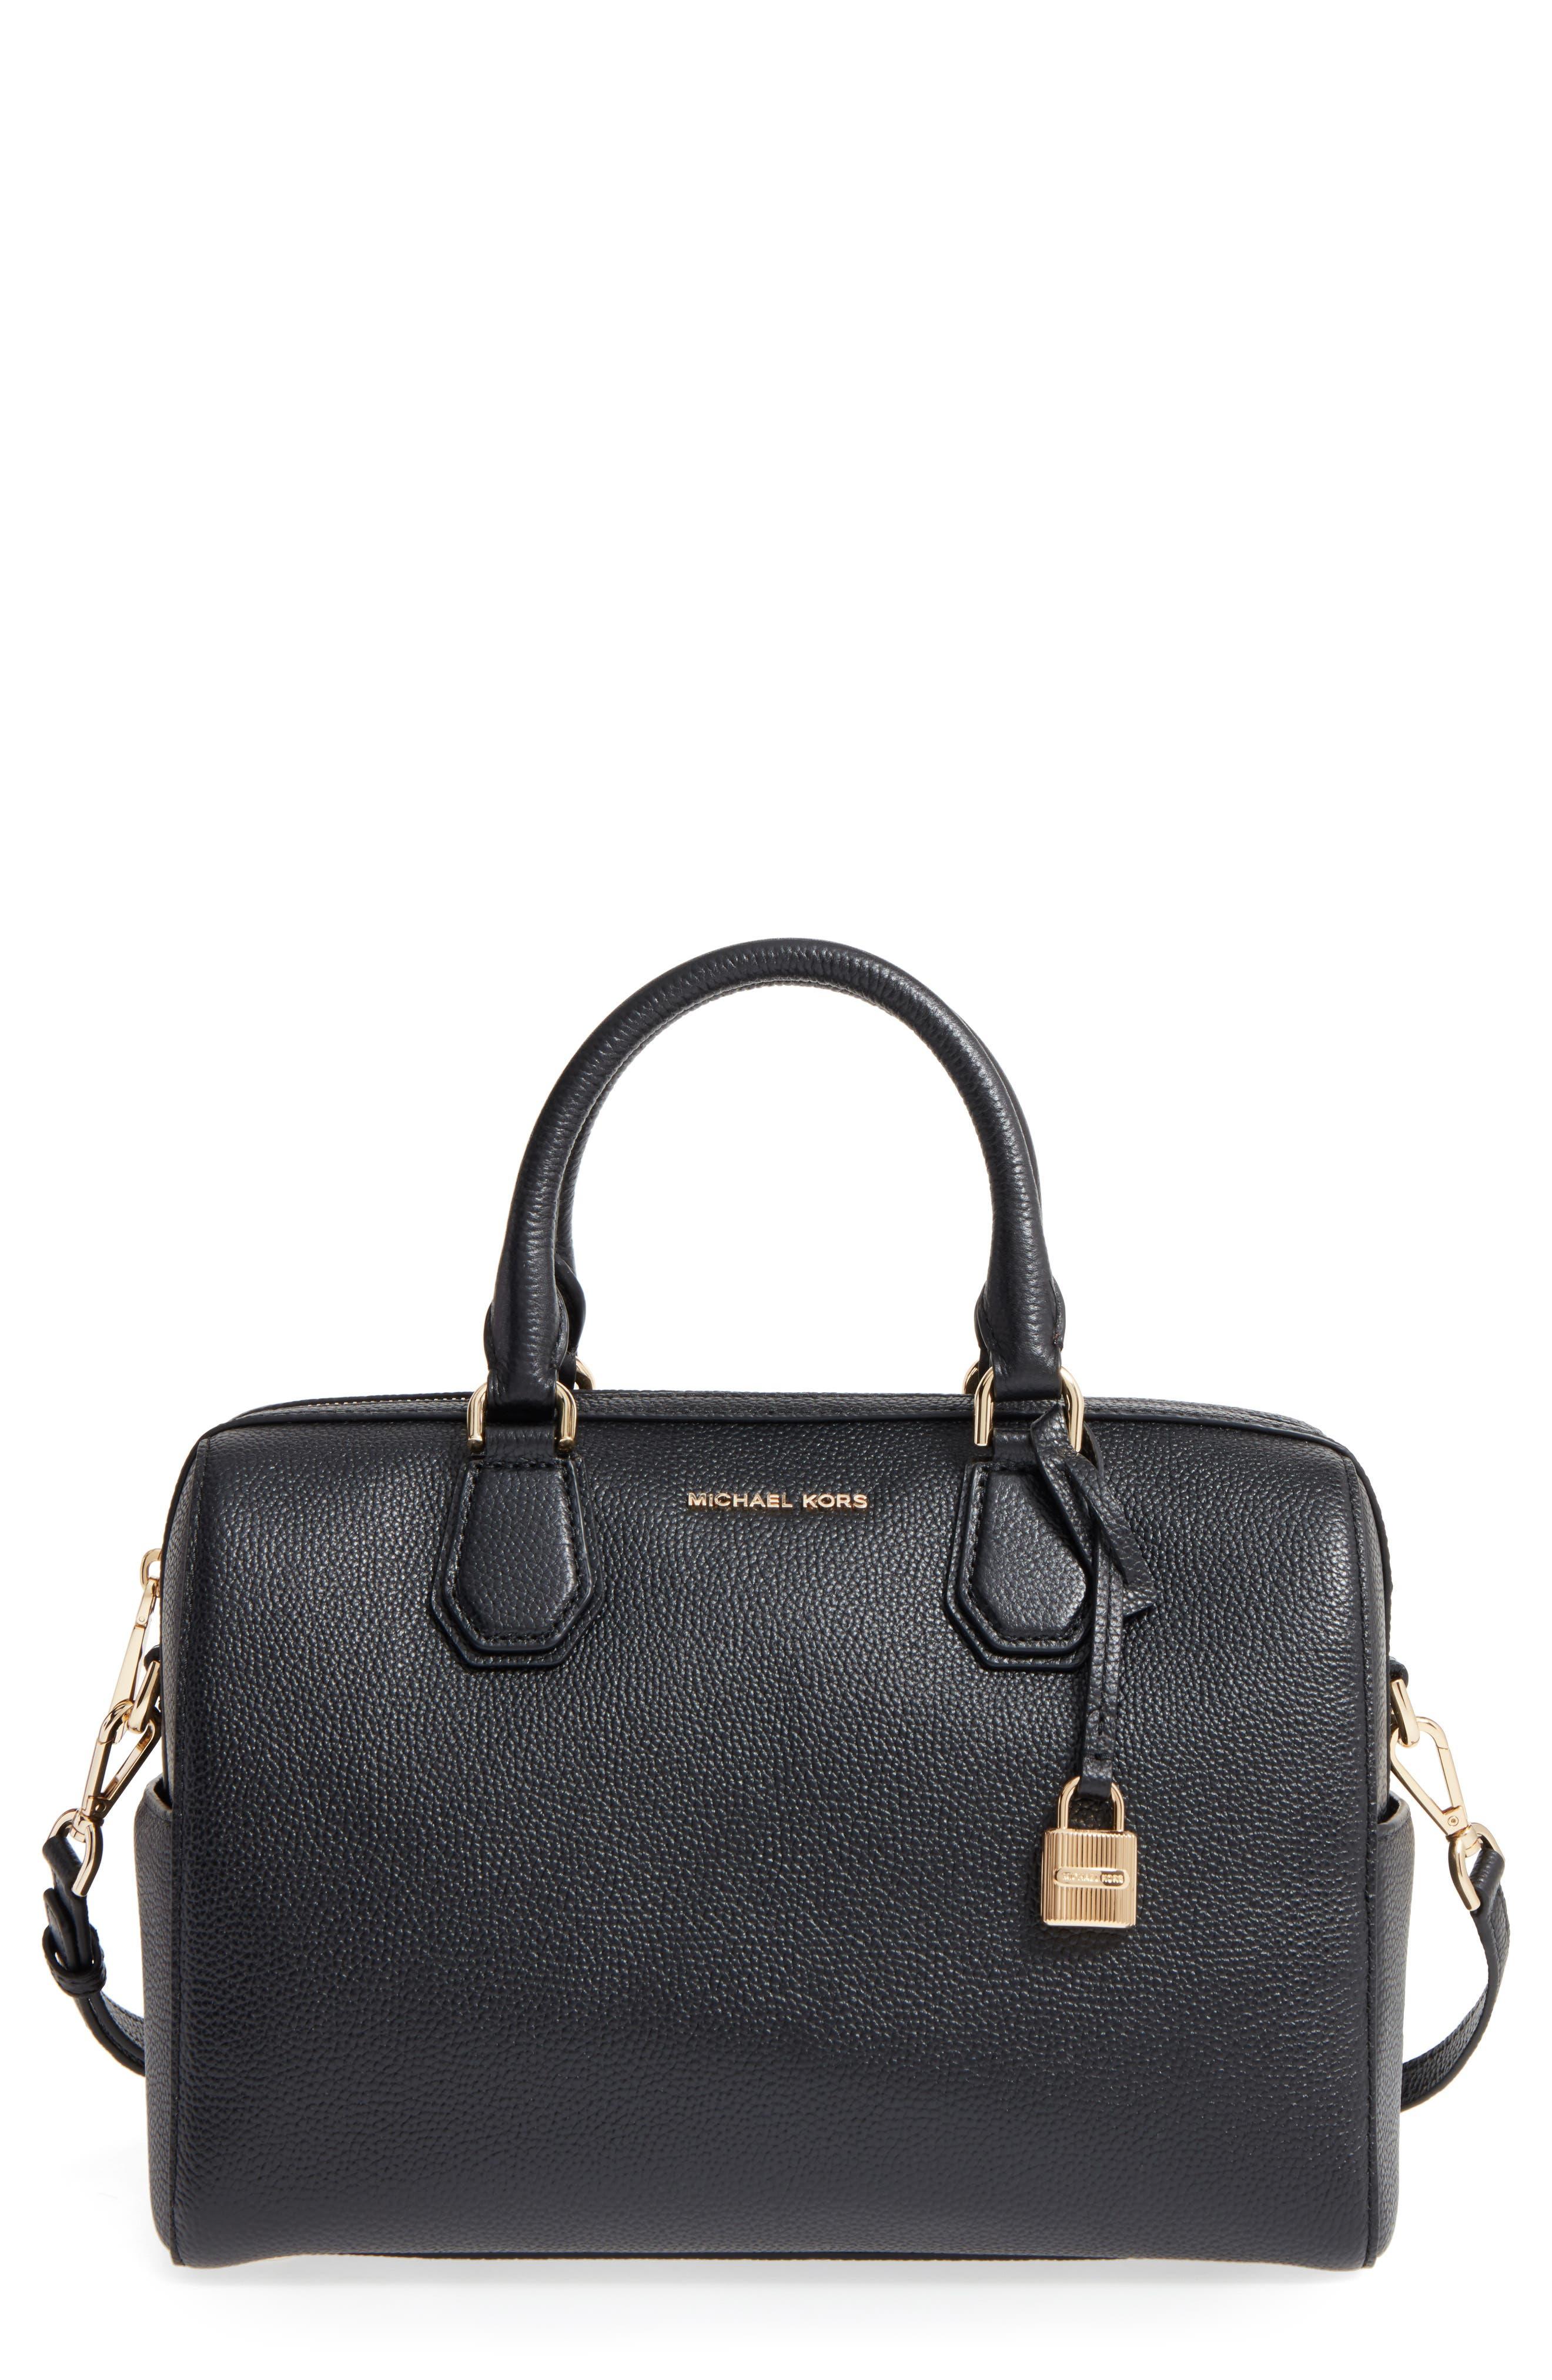 Medium Mercer Duffel Bag,                             Main thumbnail 1, color,                             001